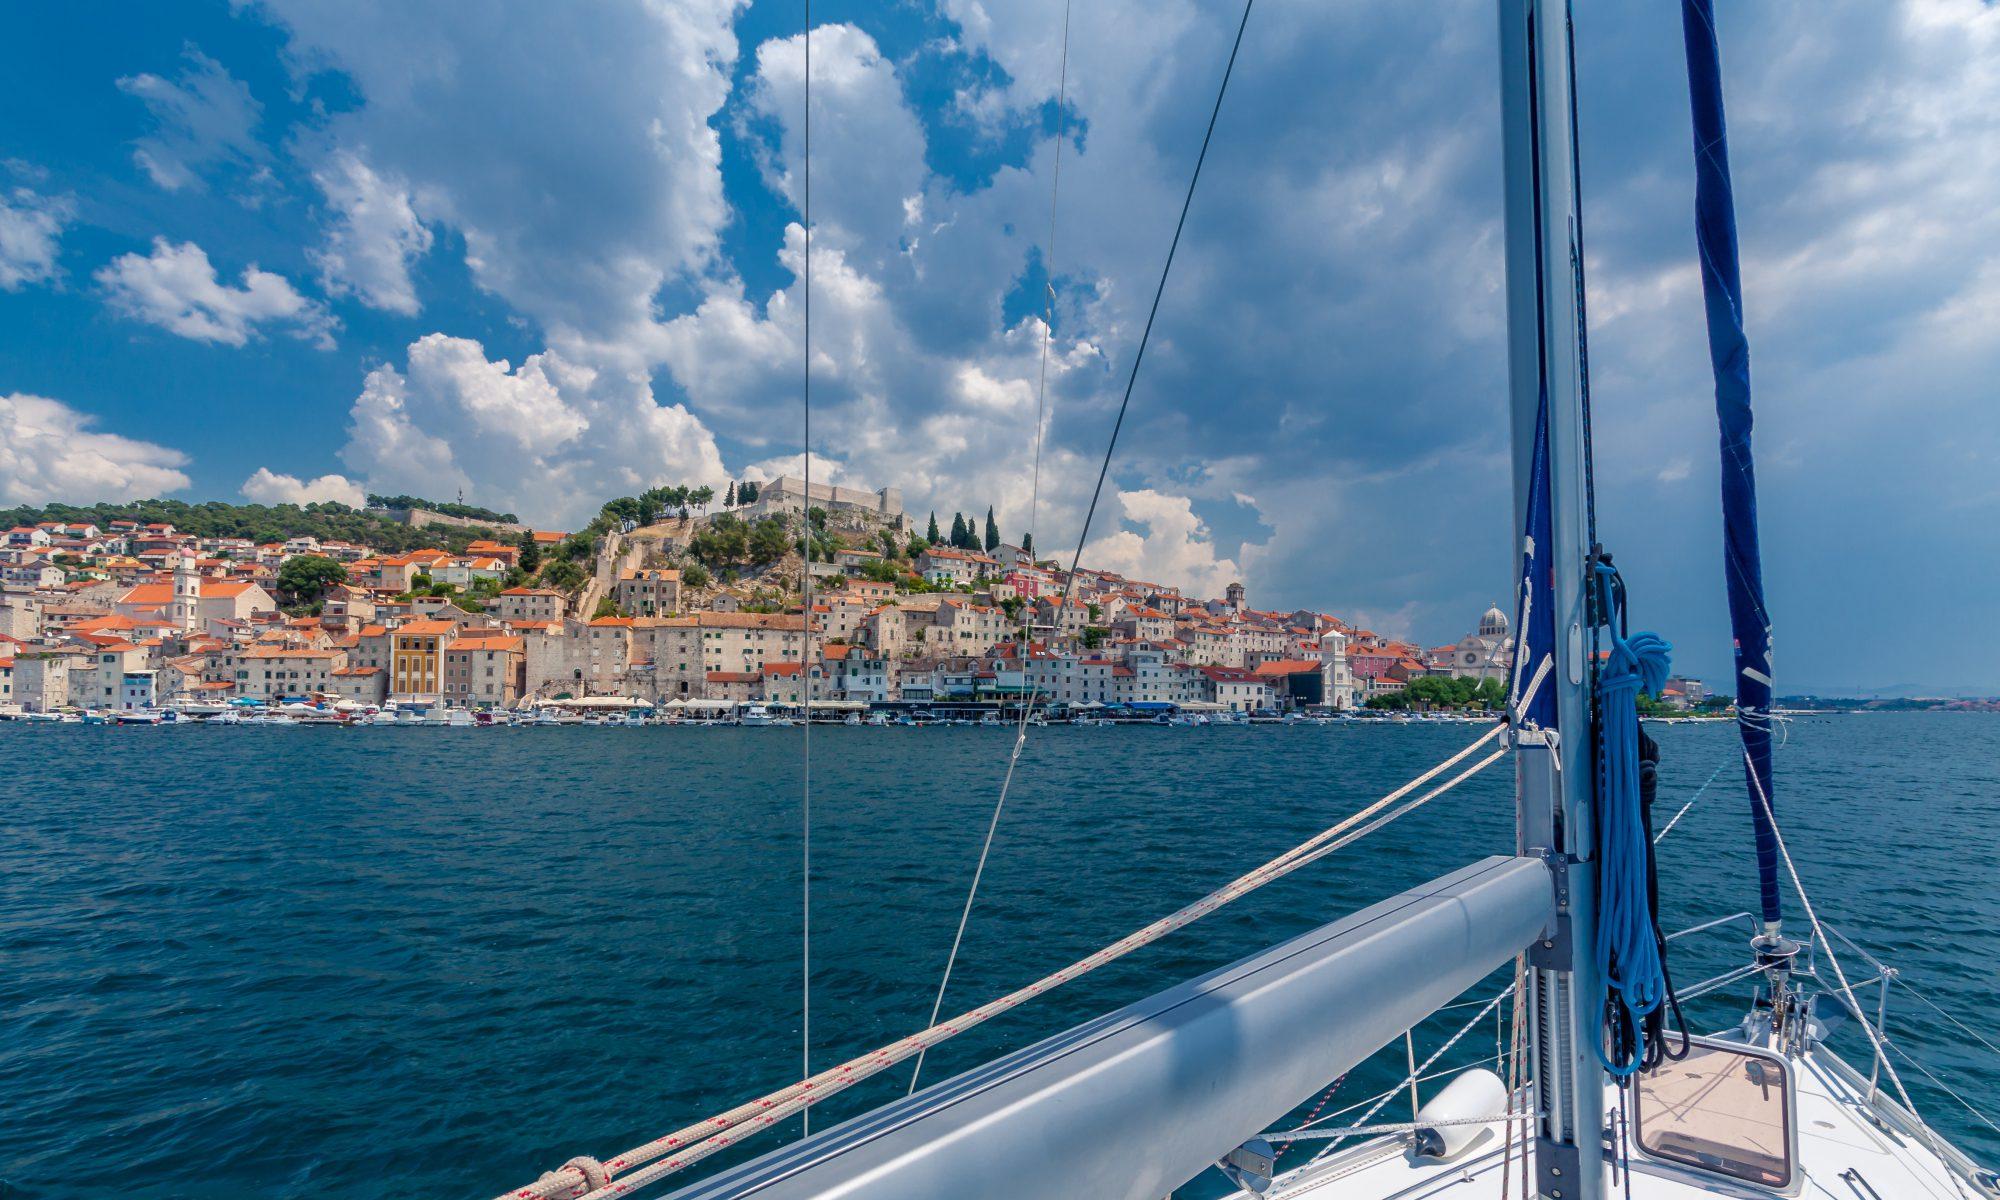 Šibenik, Croatia by boat